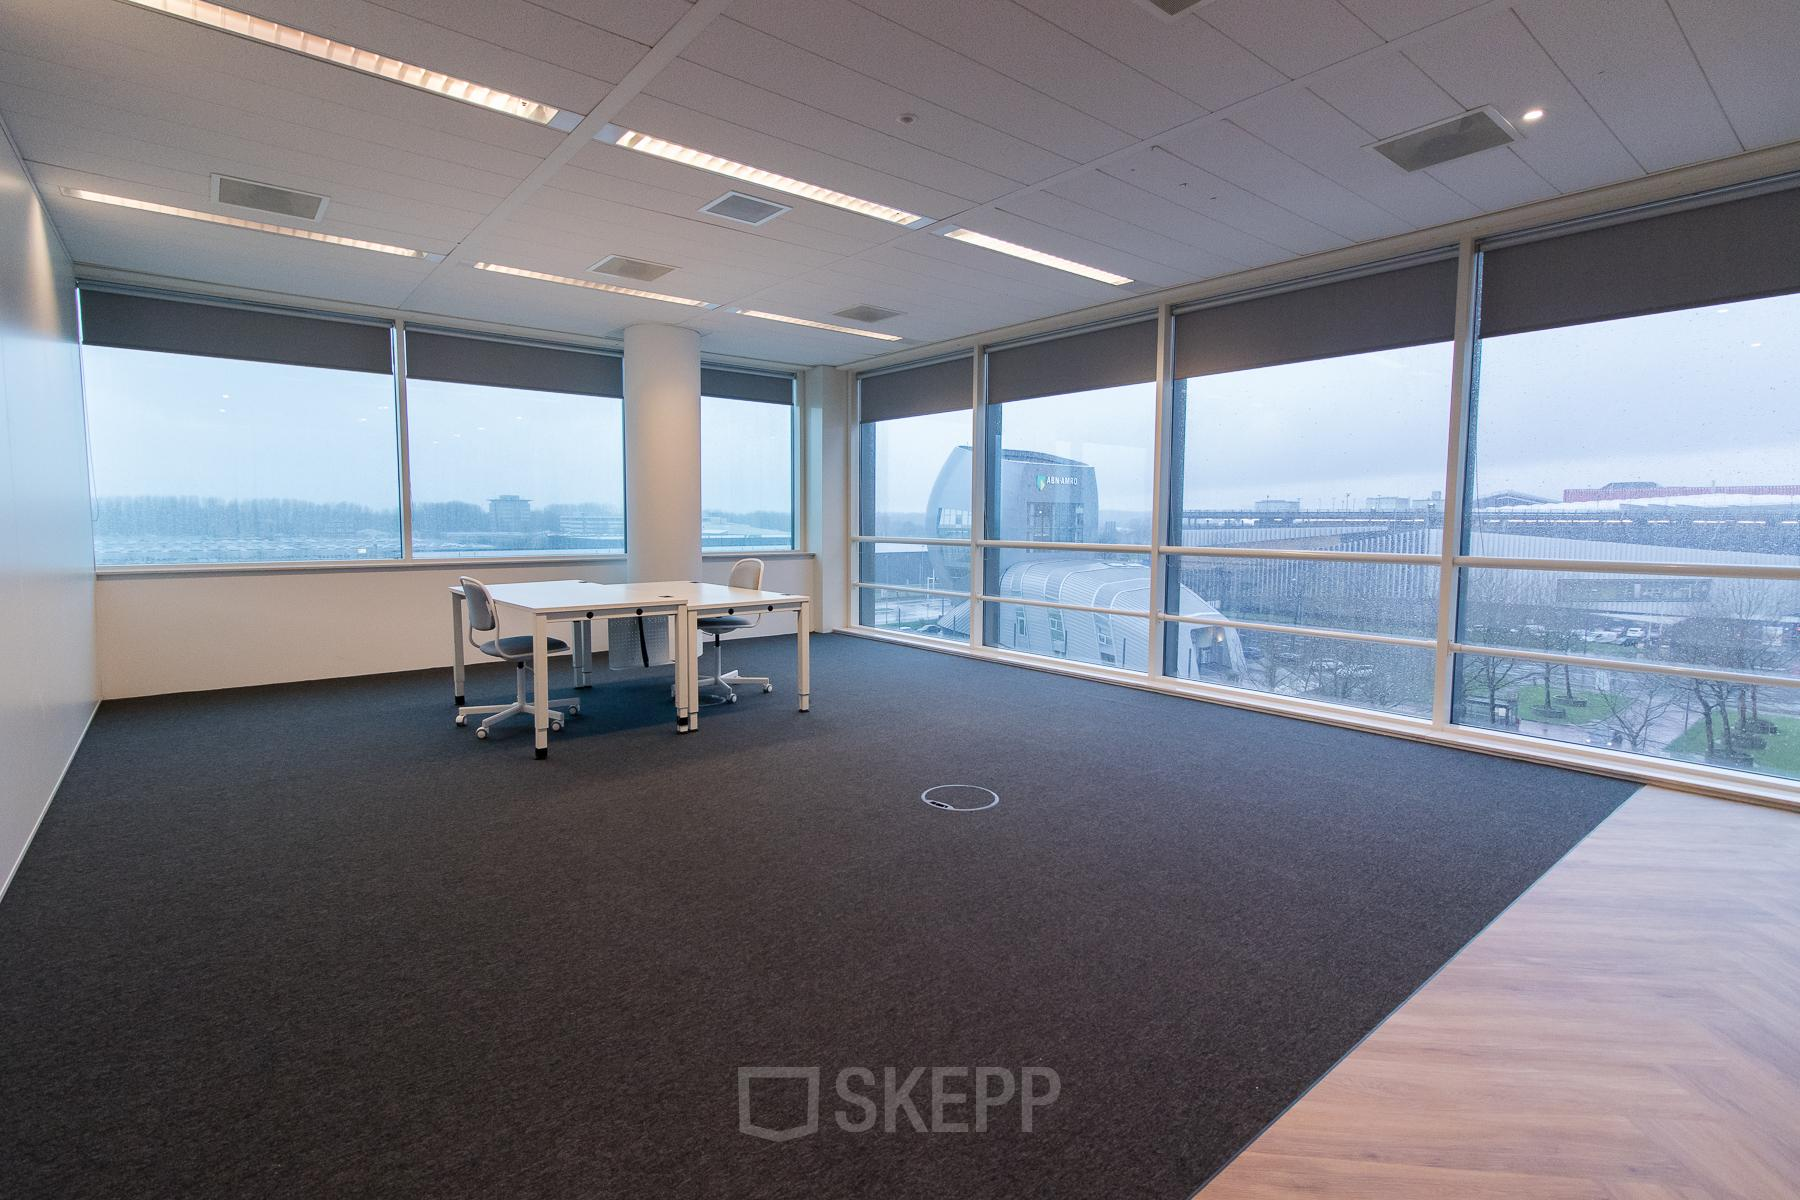 Kantoor Huren Amsterdam : Kantoorruimte huren aan de entree in amsterdam skepp